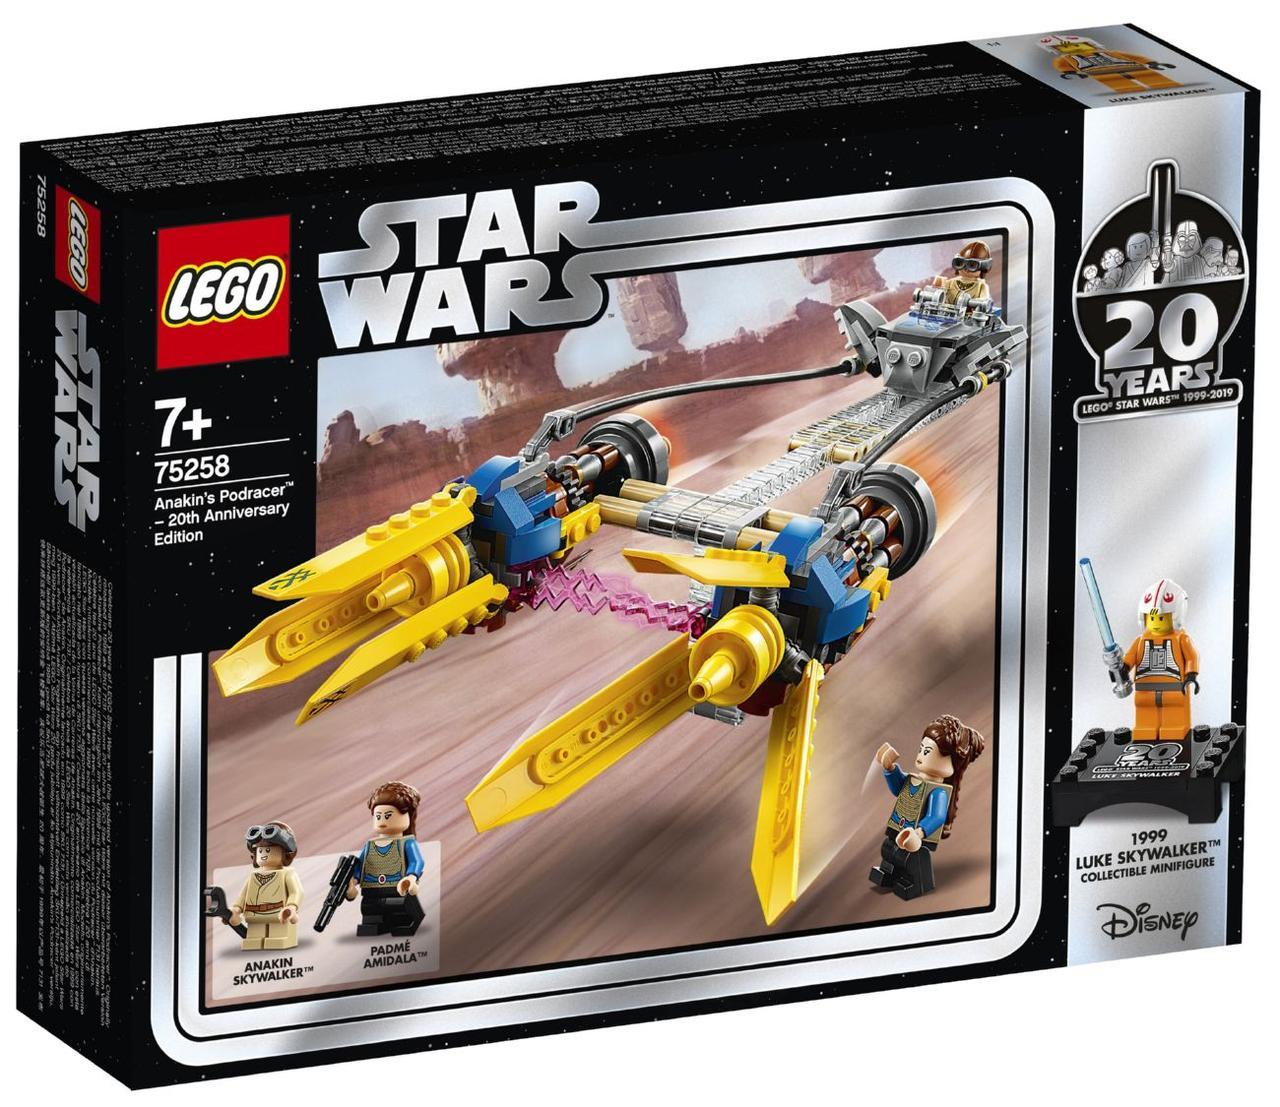 Детский Конструктор Lego Star Wars Гоночный под Энакина: выпуск к 20-летнему юбилею 75258